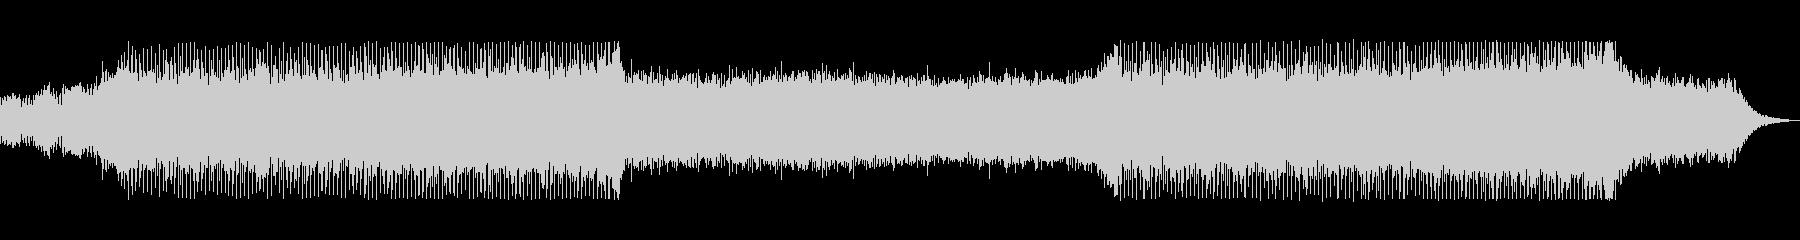 bpm144シンプルで地味なテクノの未再生の波形